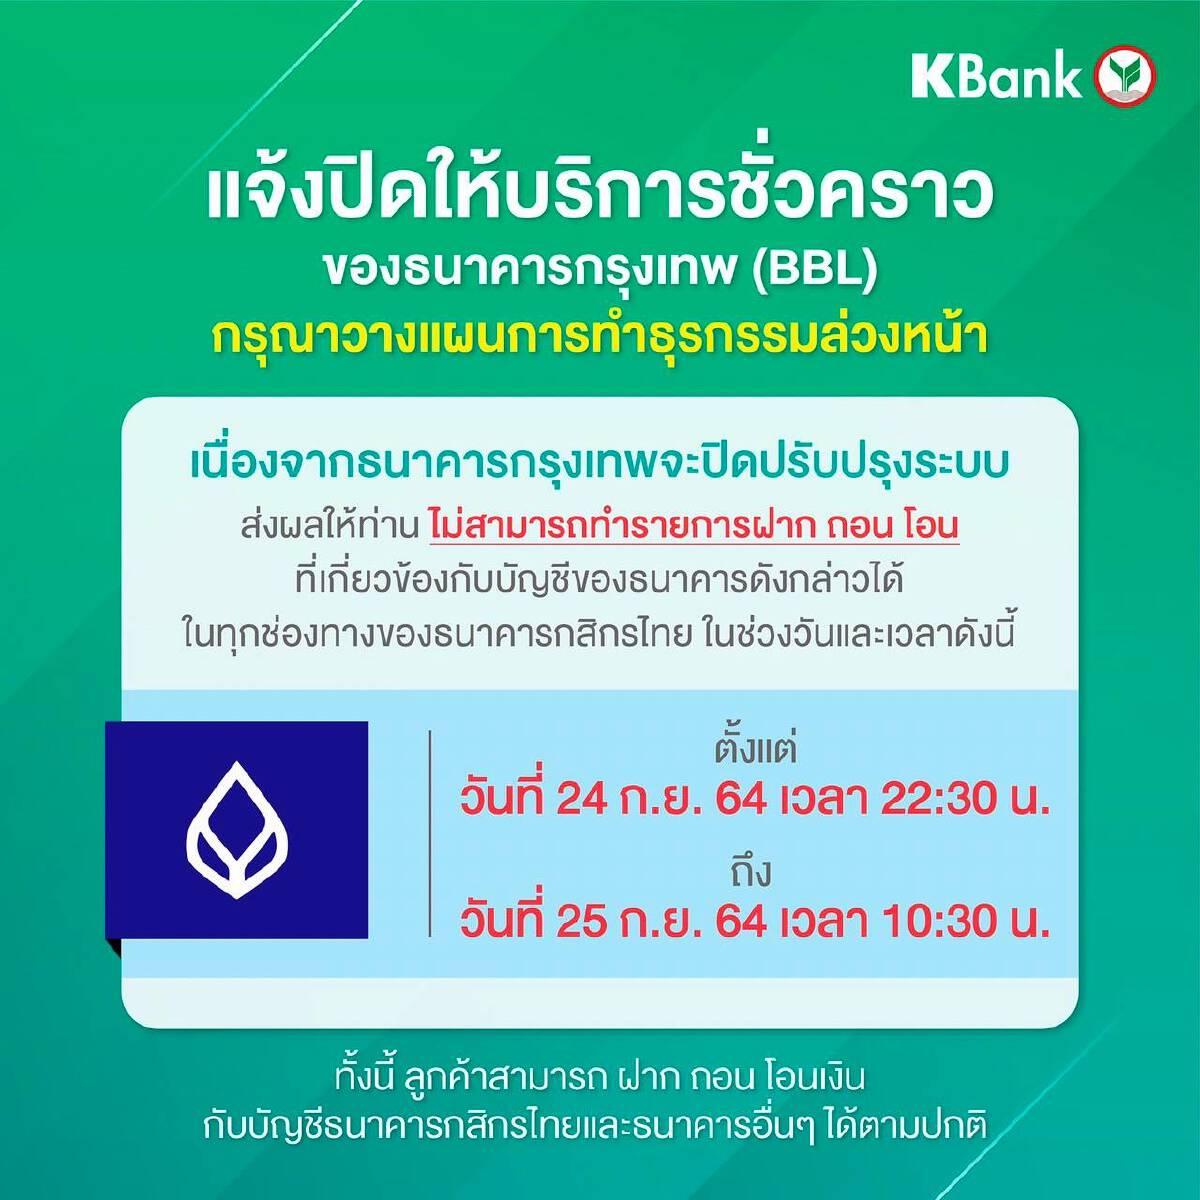 กสิกรไทยแจ้งเตือนลูกค้าให้วางแผนทำธุรกรรมกับธนาคารกรุงเทพ